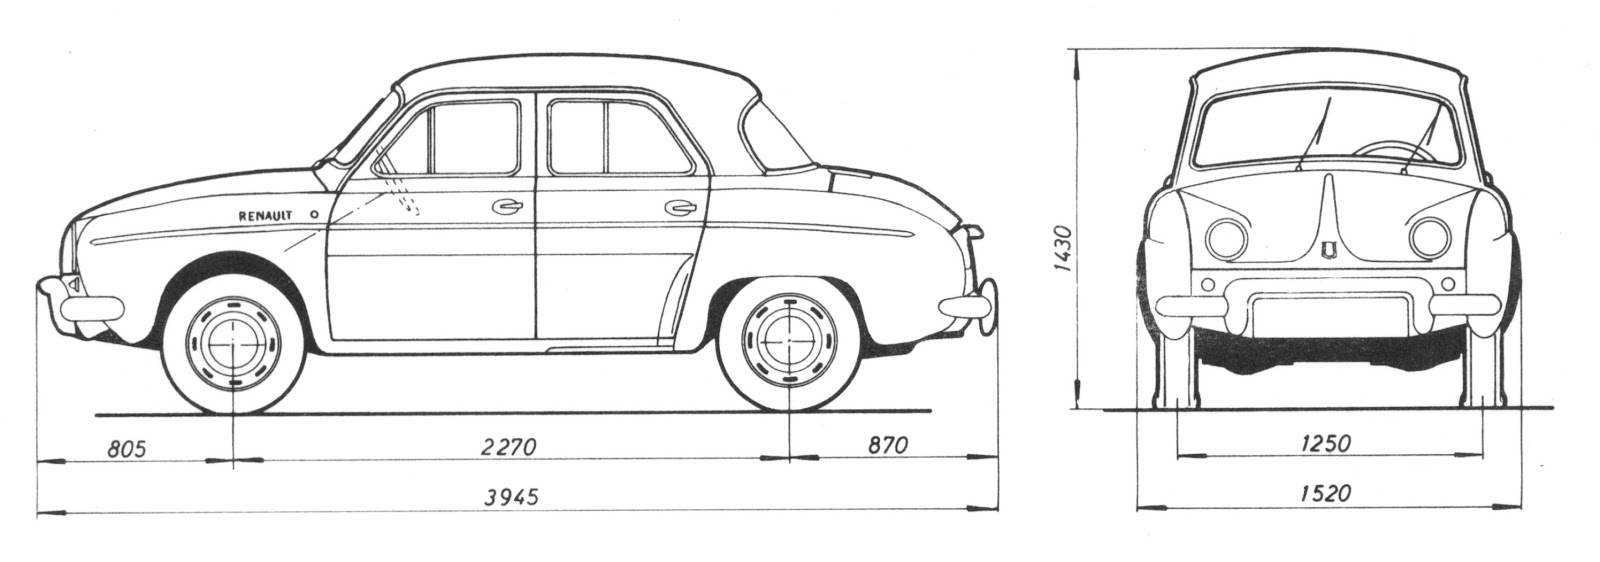 analisis de maquinas  renault dauphine  el coche de las